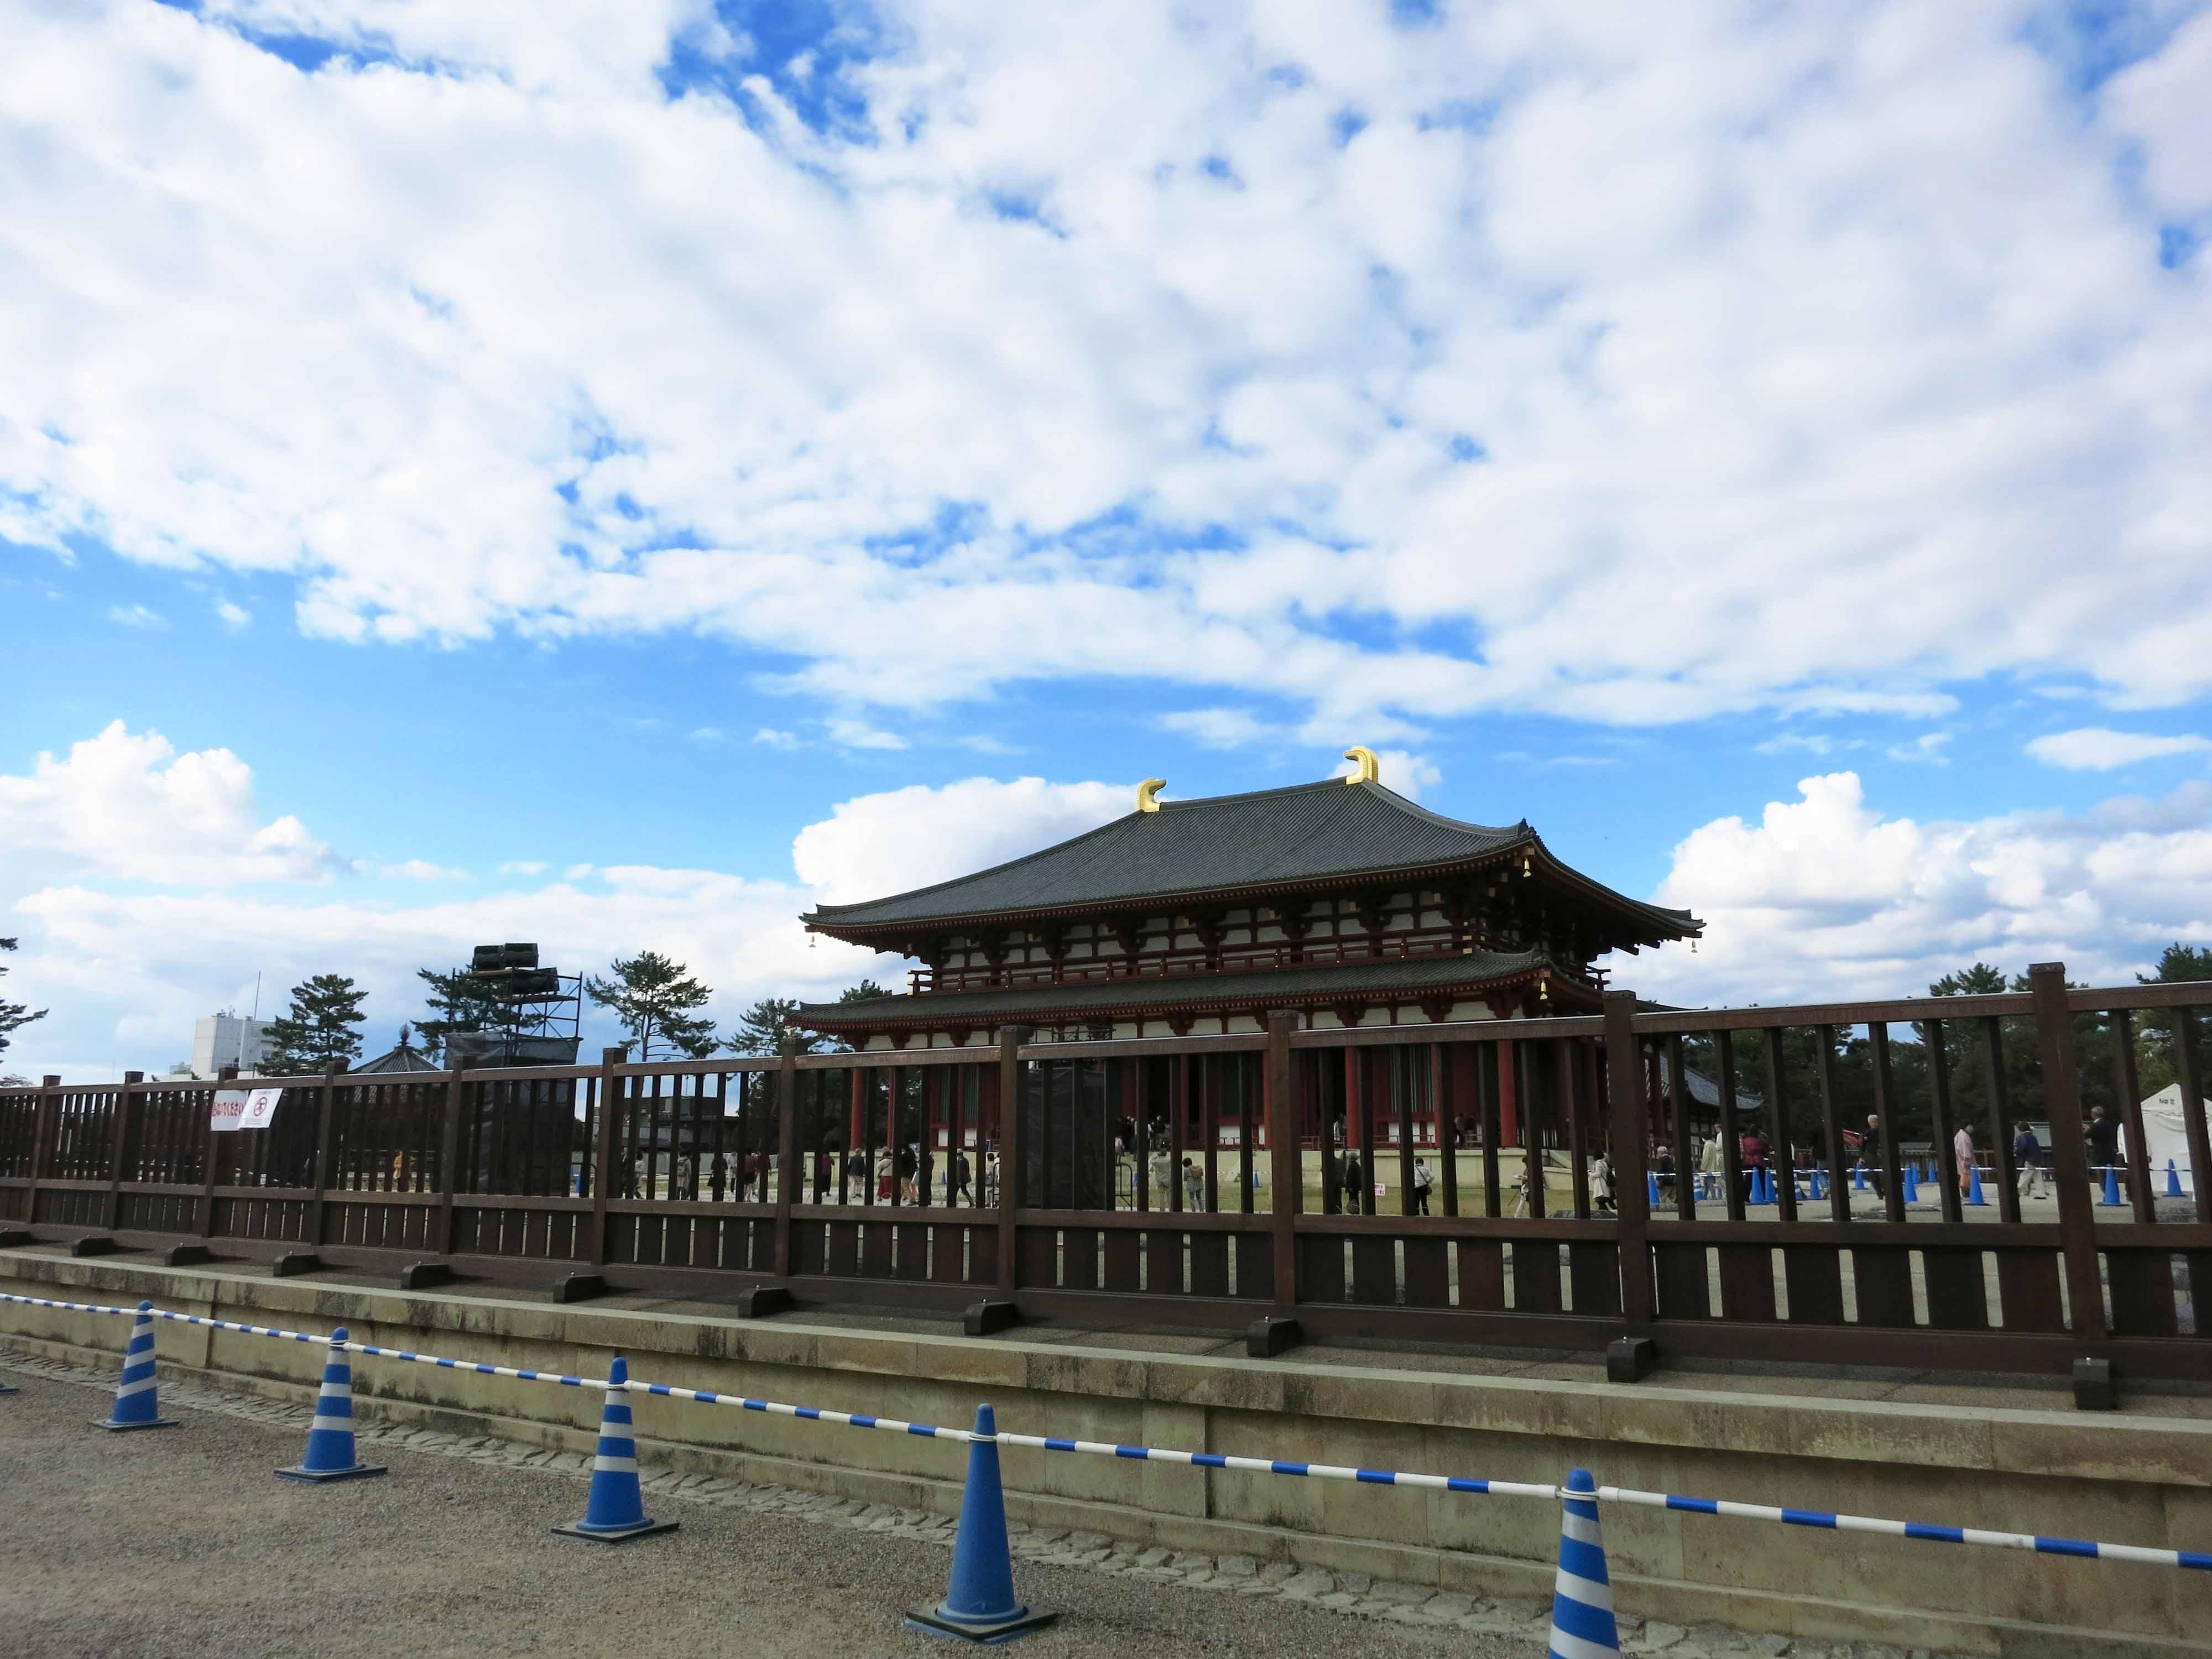 帰り道は、先月落慶を迎えた興福寺の中金堂を右手に拝みながら近鉄奈良駅に向かいました。